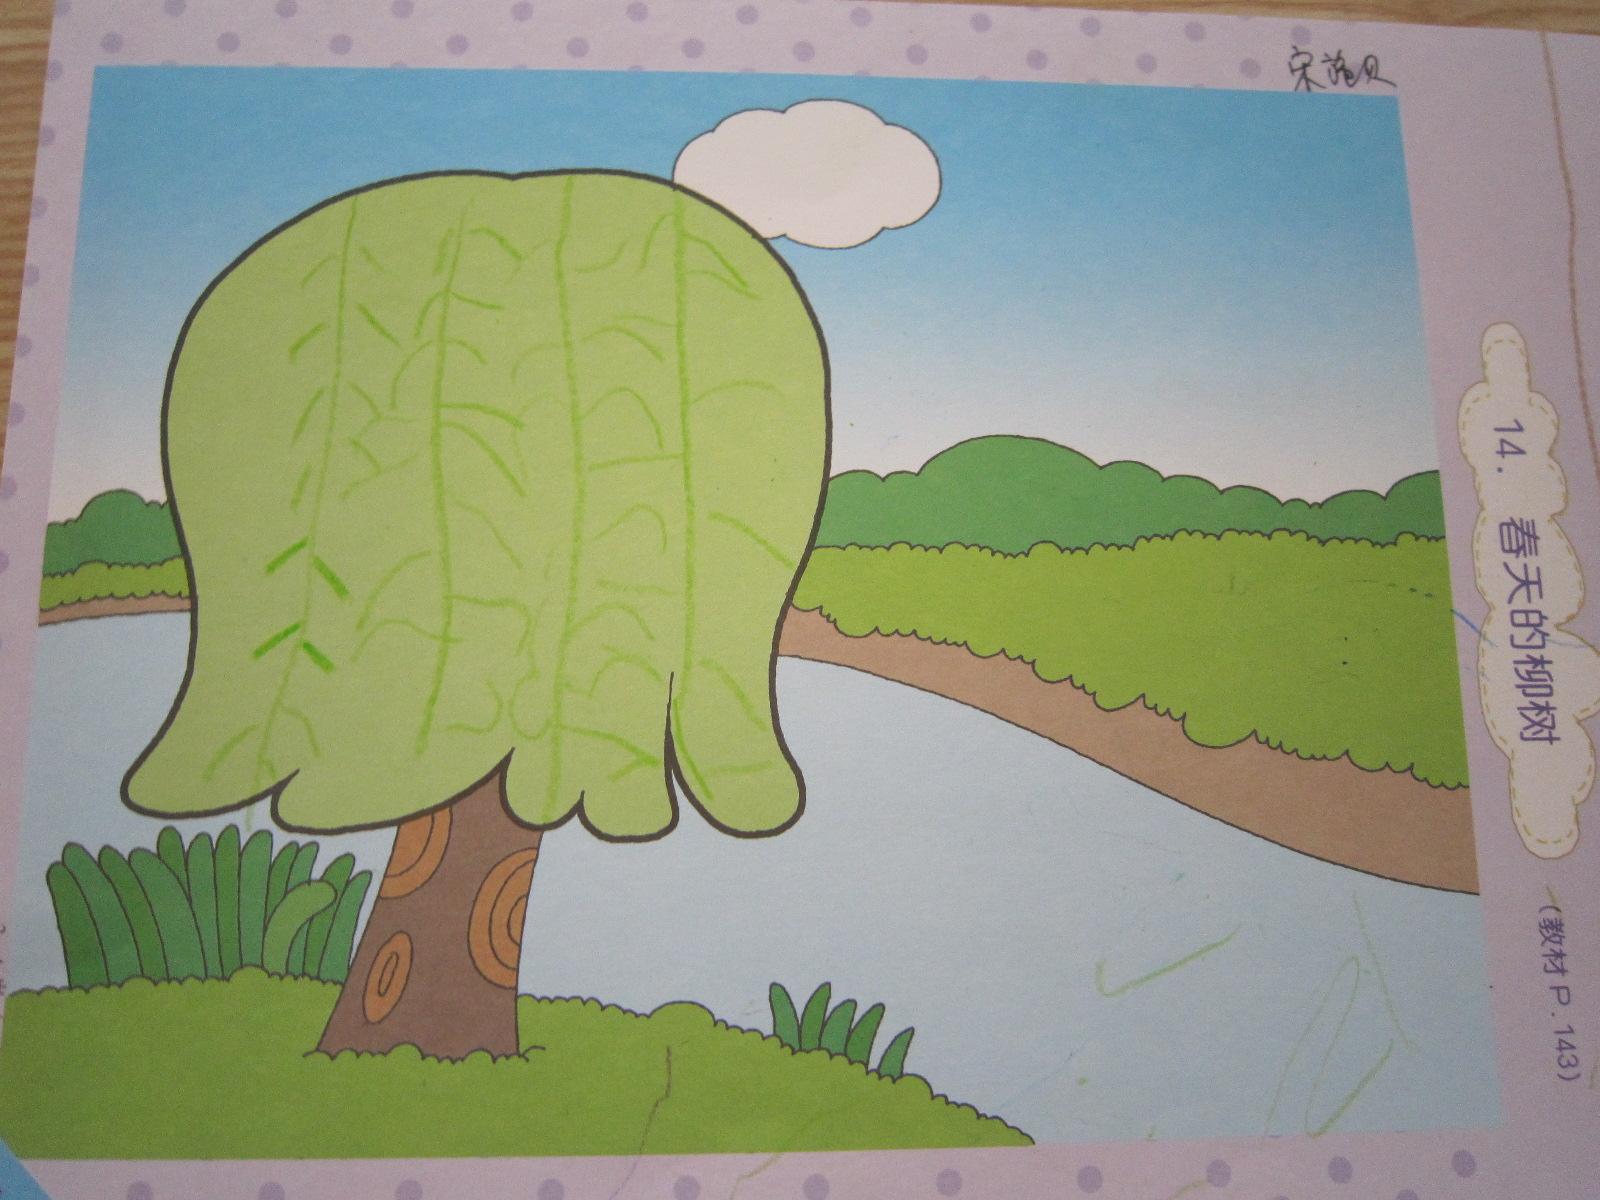 幼儿画一幅柳树画